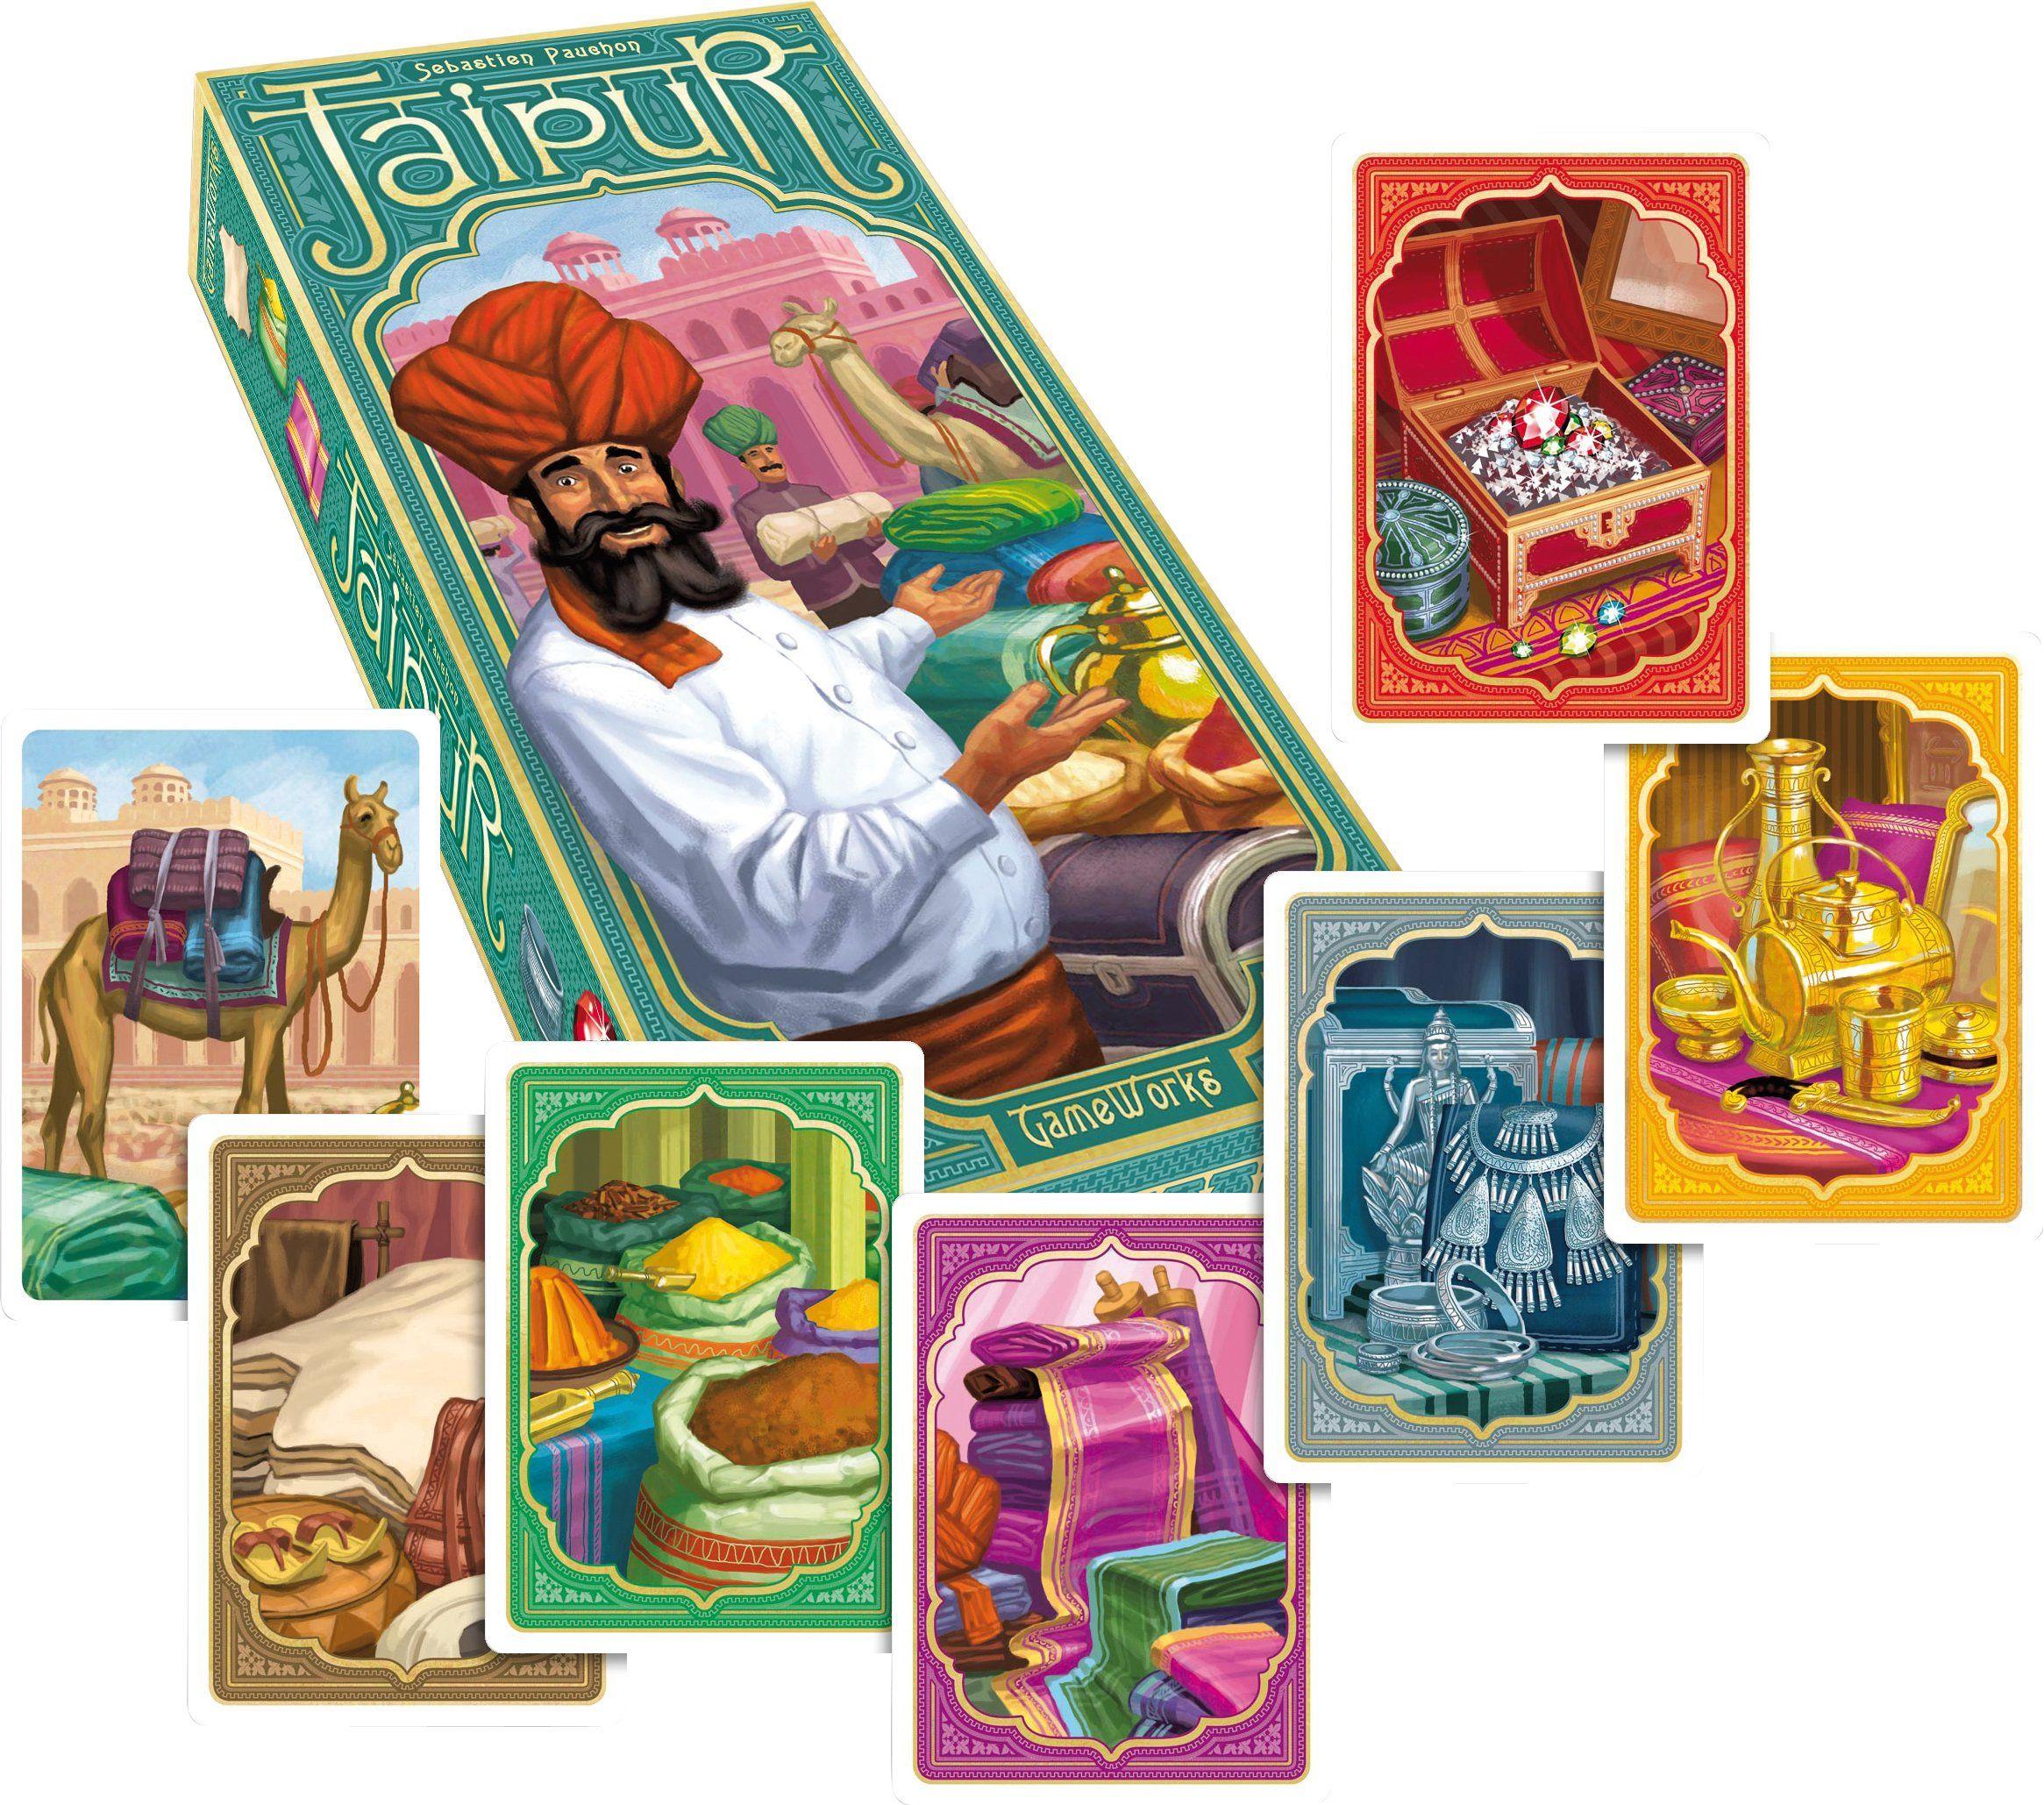 Jaipur Beste brettspiele, Brettspiele